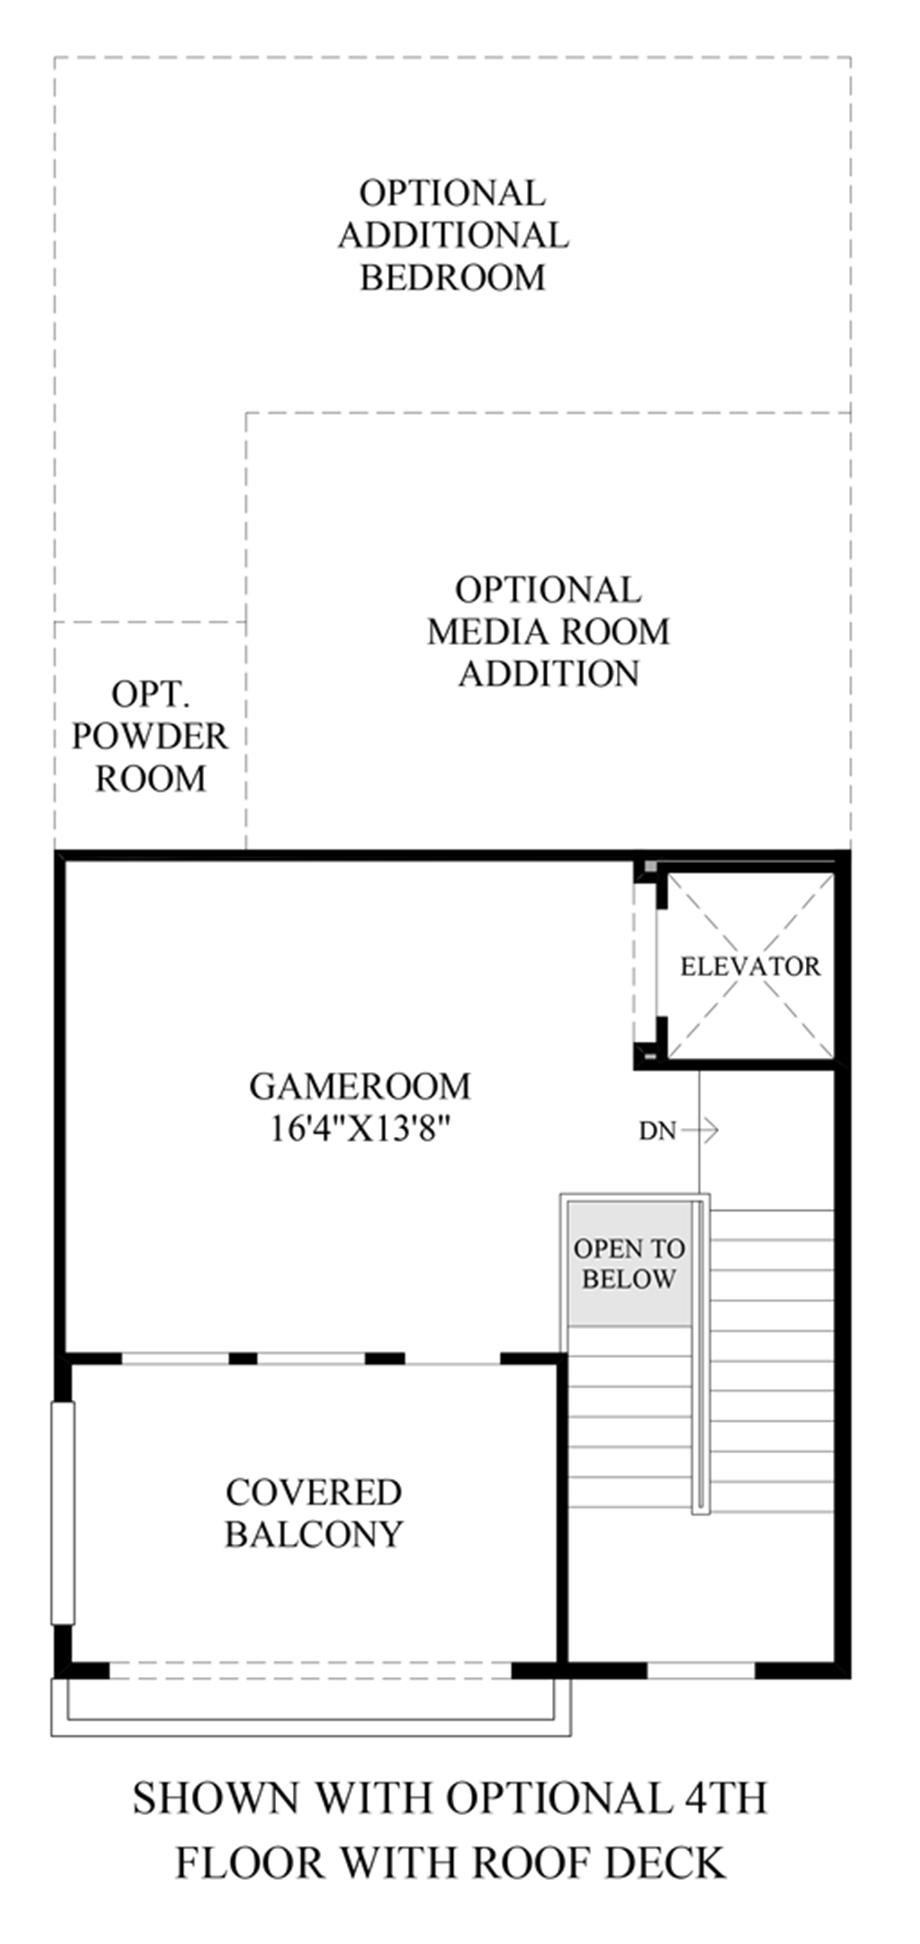 Optional 4th Floor with Roof Deck Floor Plan